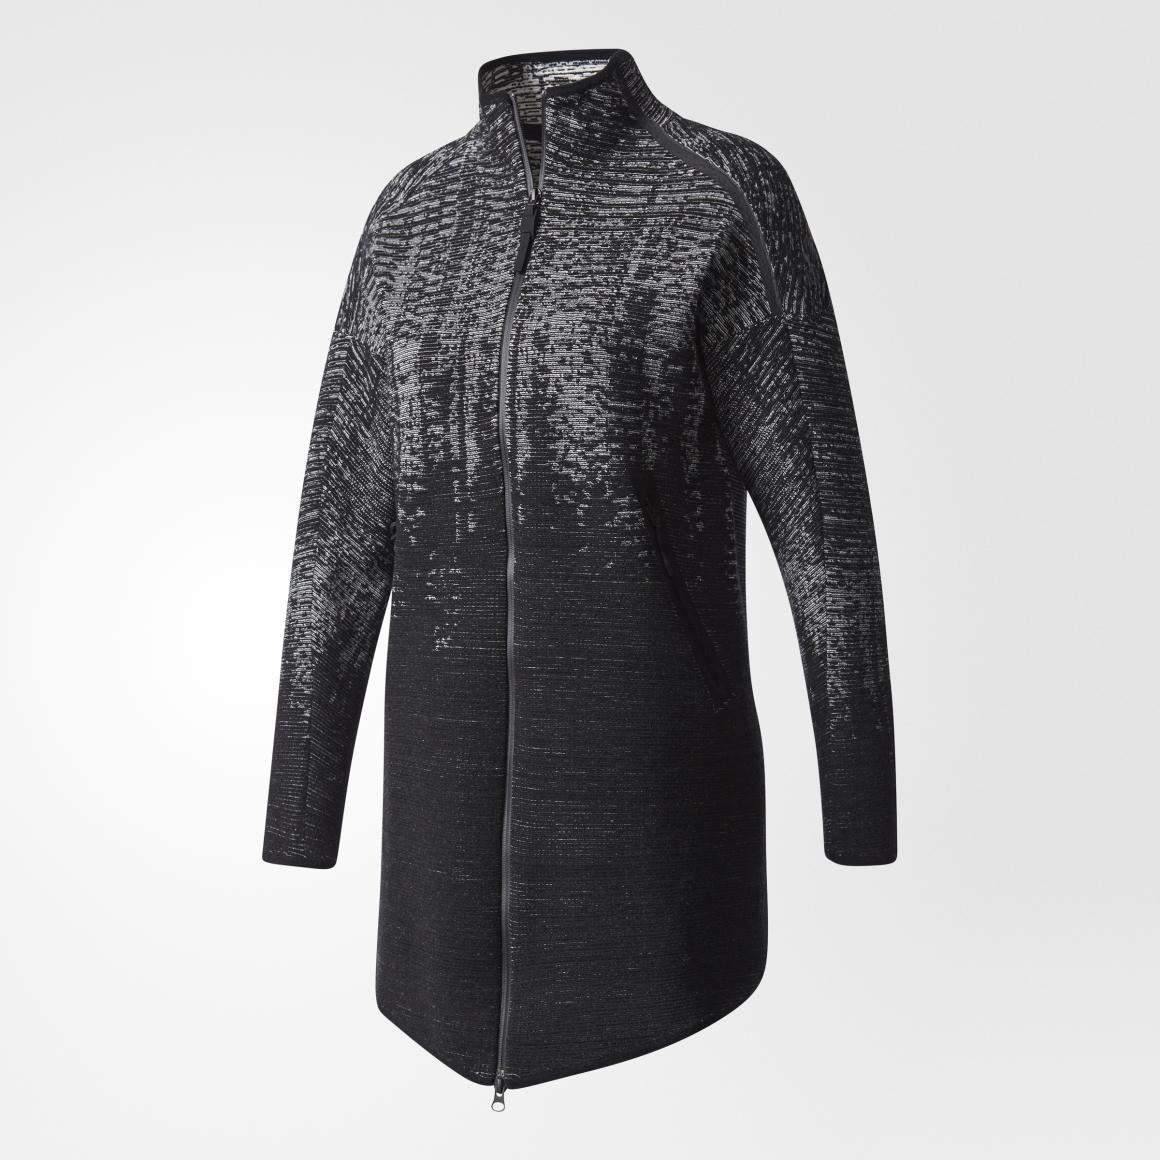 Adidas Zne Kn Pls Cvup Black, žensk jakna, crna